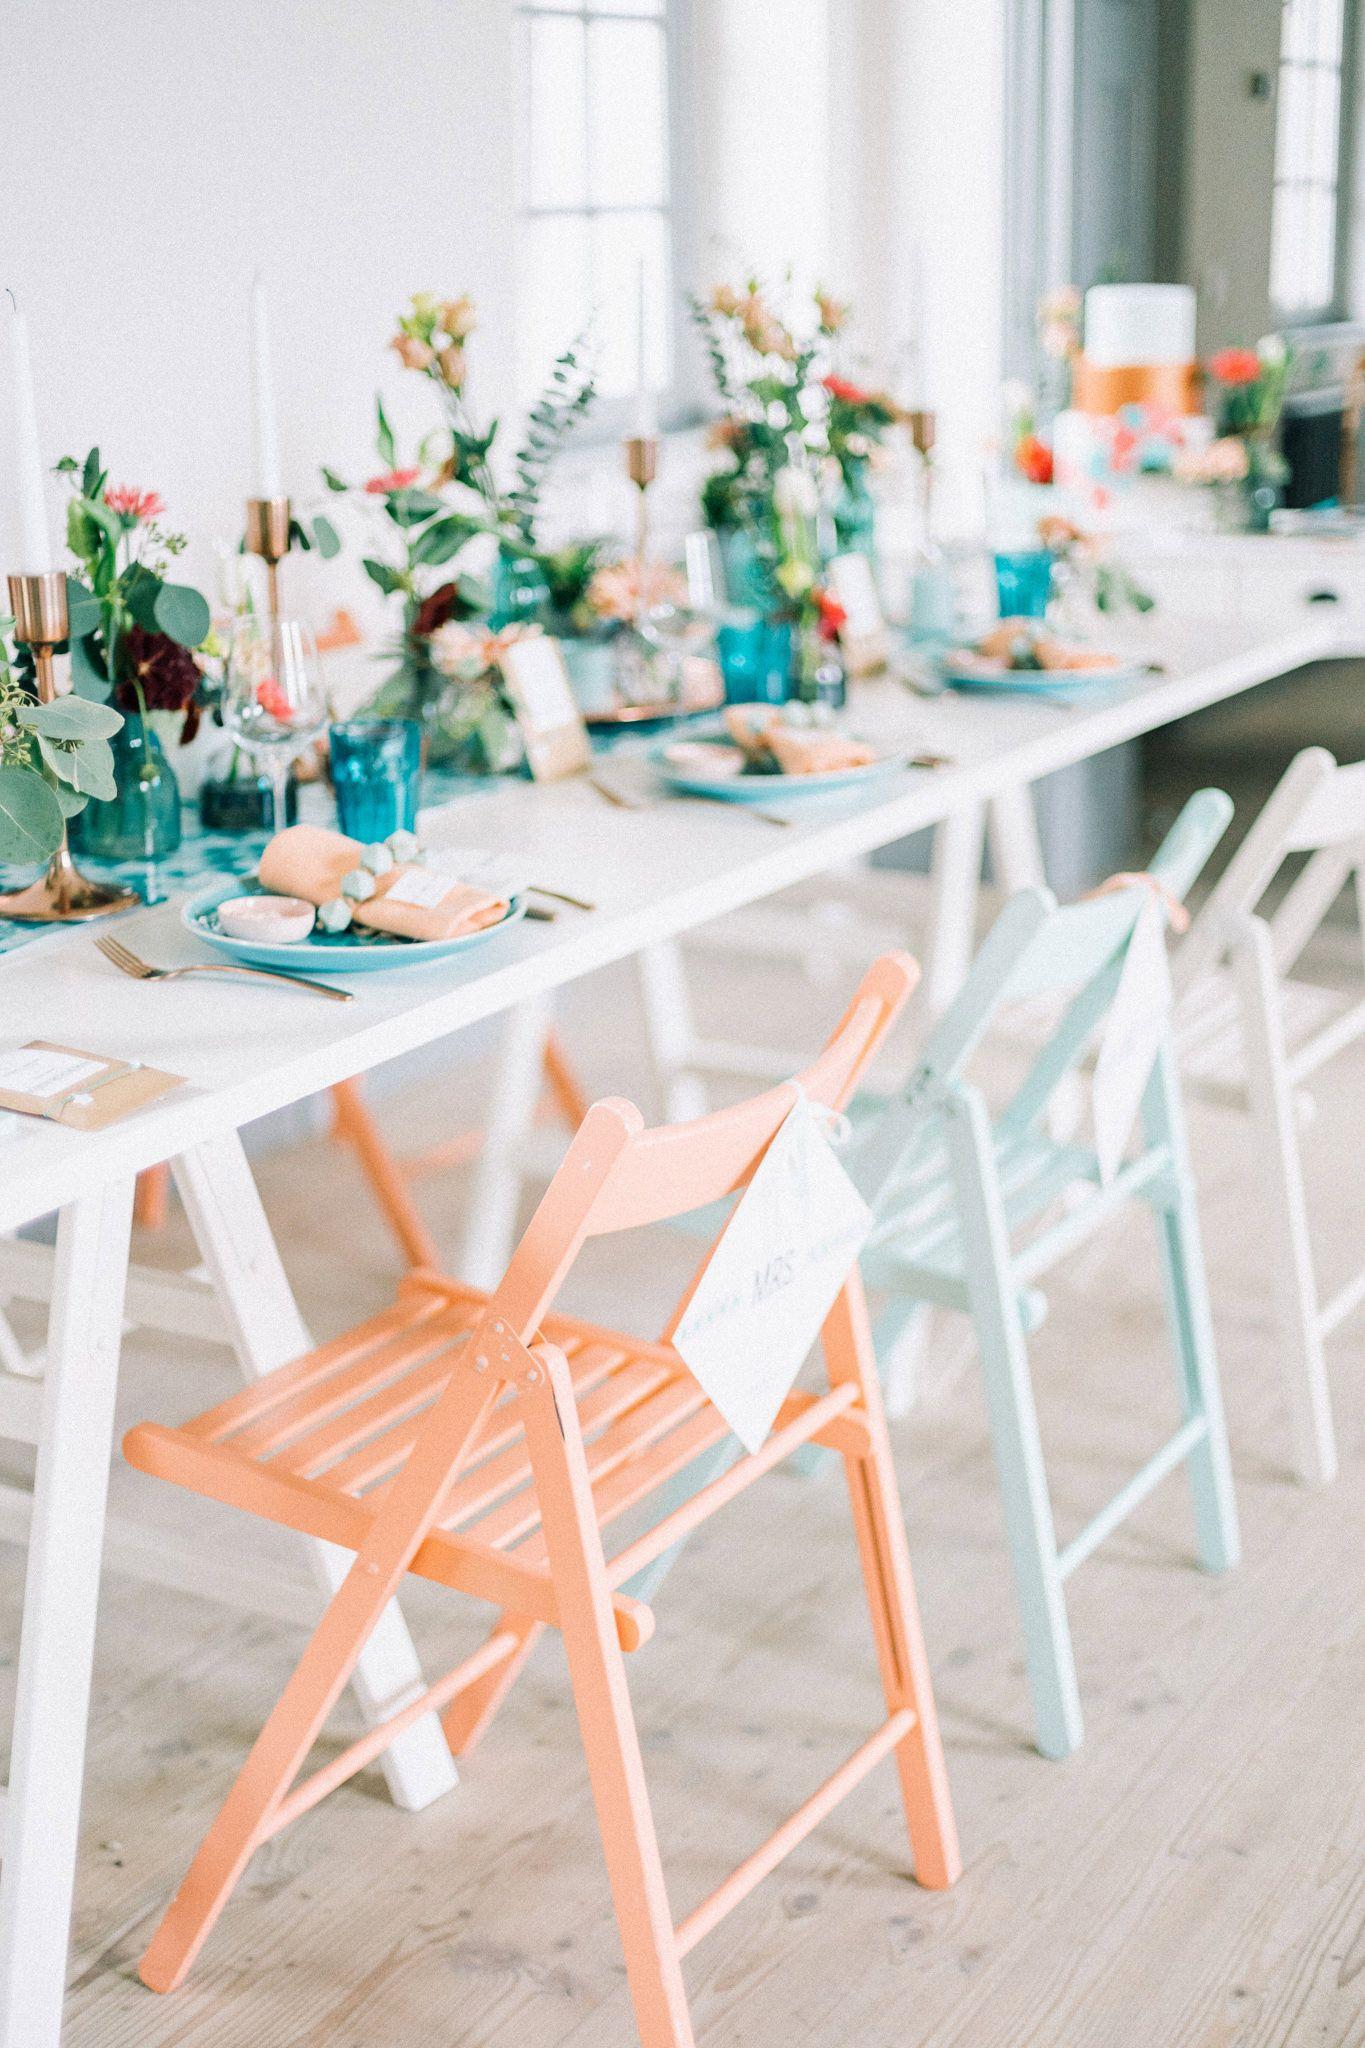 Heiraten 2020 Sommer In Marrakesch Mit Bube Dame Herz Hochzeitsmesse In Dusseldorf Hochzeitsblog The Little Wedding Corner Tischdekoration Tischdekoration Sommer Hochzeitsmesse